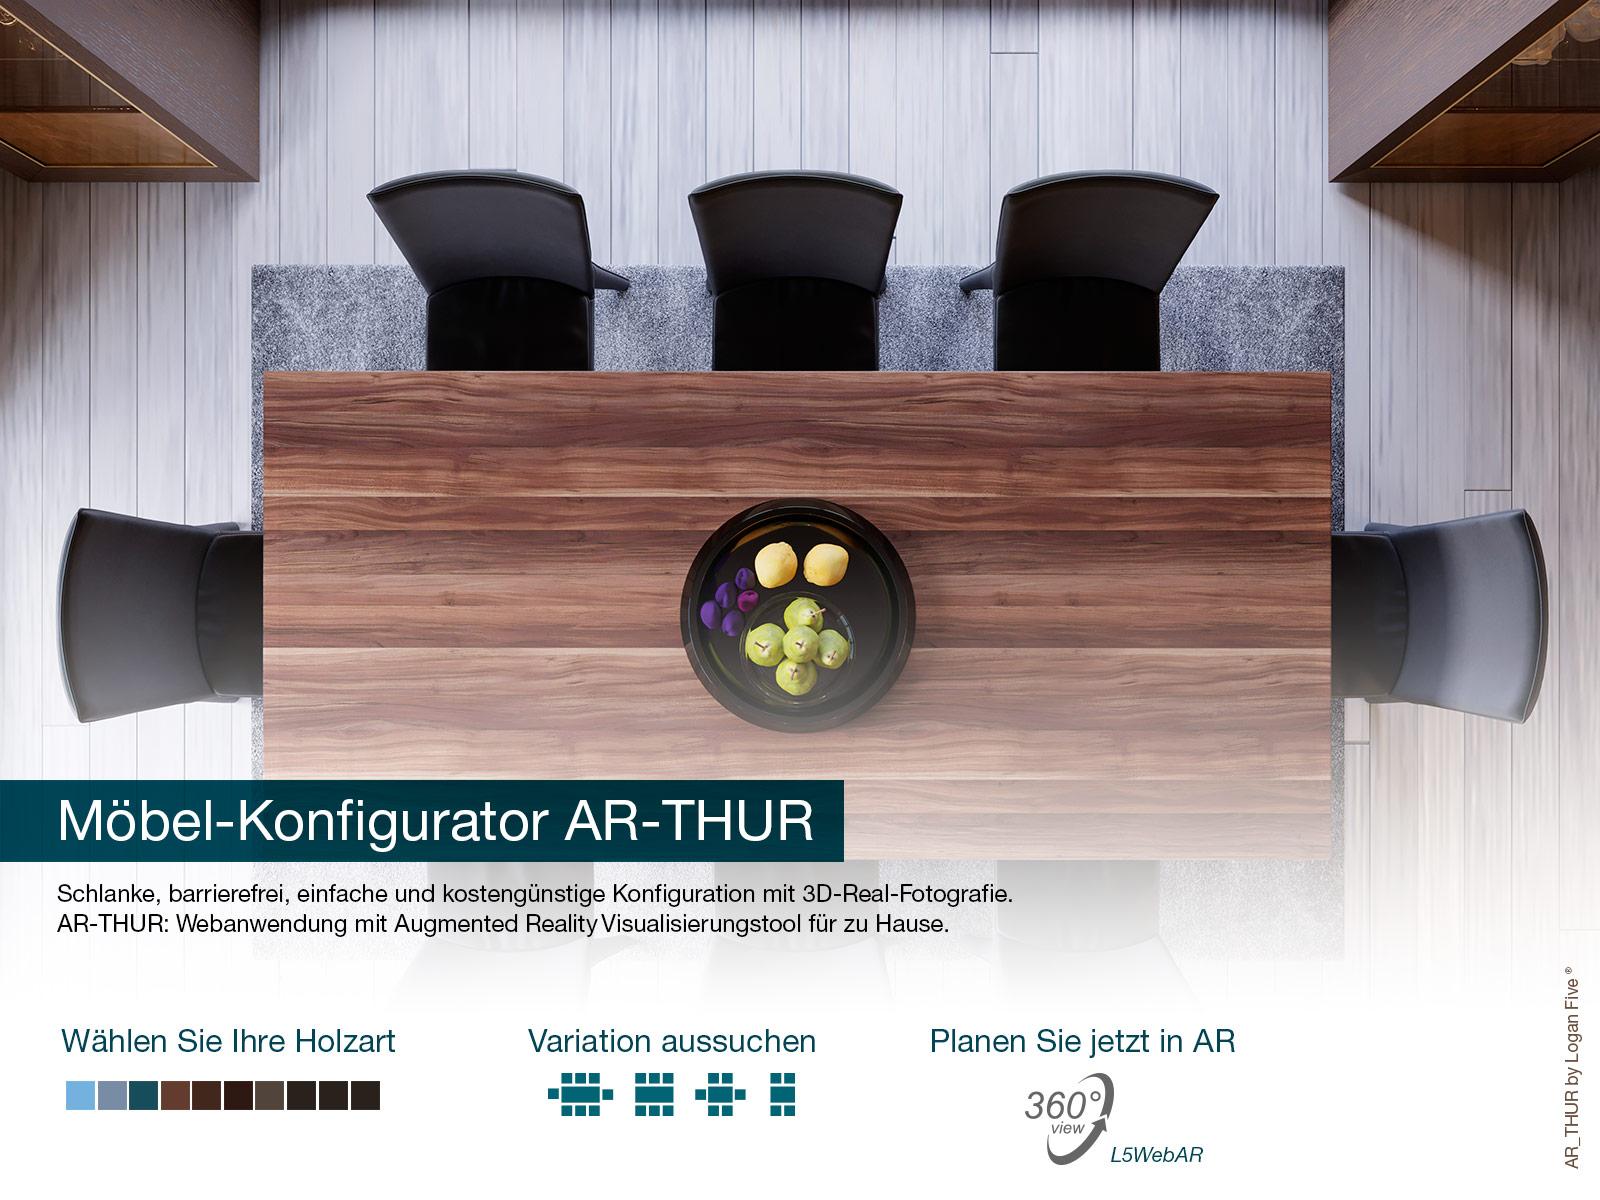 Web-AR Konfigurator, Esstisch-Konfigurator, Esszimmer-Konfigurator